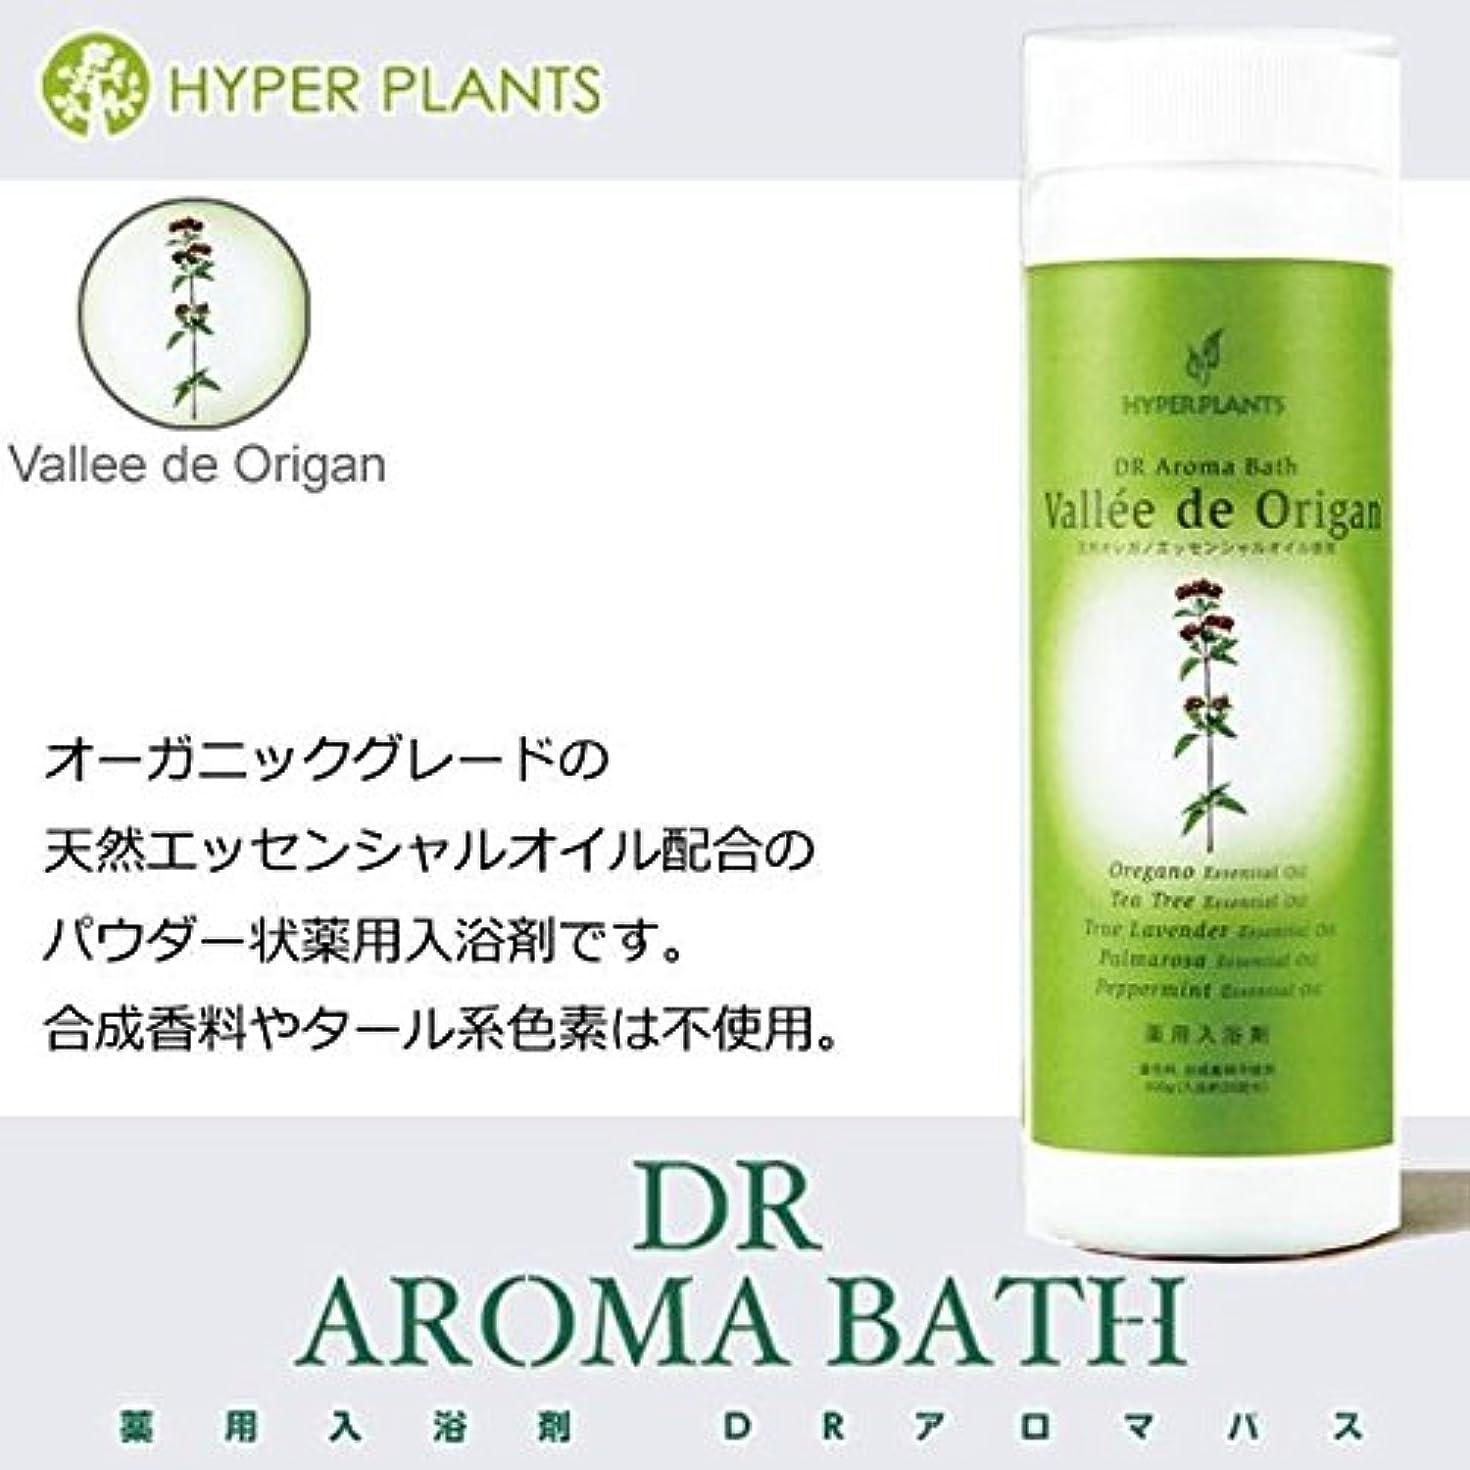 奇妙なウェブ保護医薬部外品 薬用入浴剤 ハイパープランツ(HYPER PLANTS) DRアロマバス ヴァレドオリガン 500g HN0218